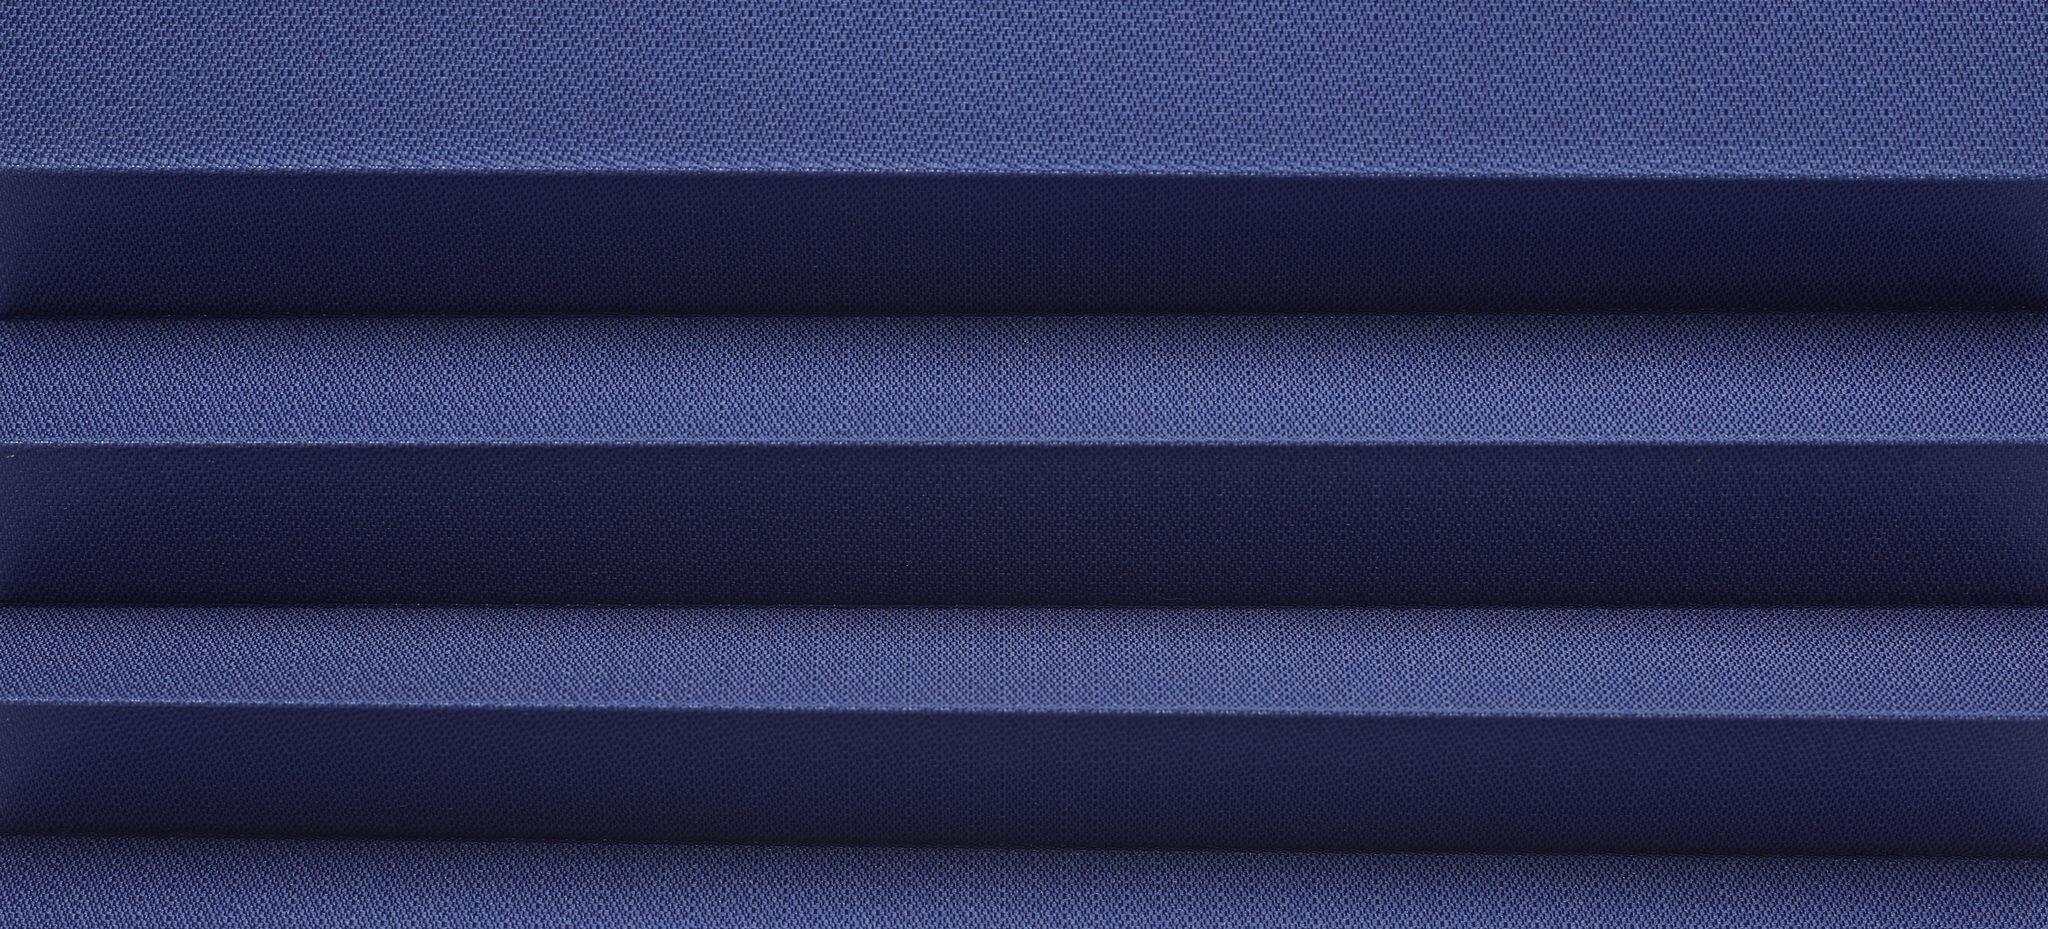 Plissé 'Verduisterend' 720196 – blauw – vanaf €83,-